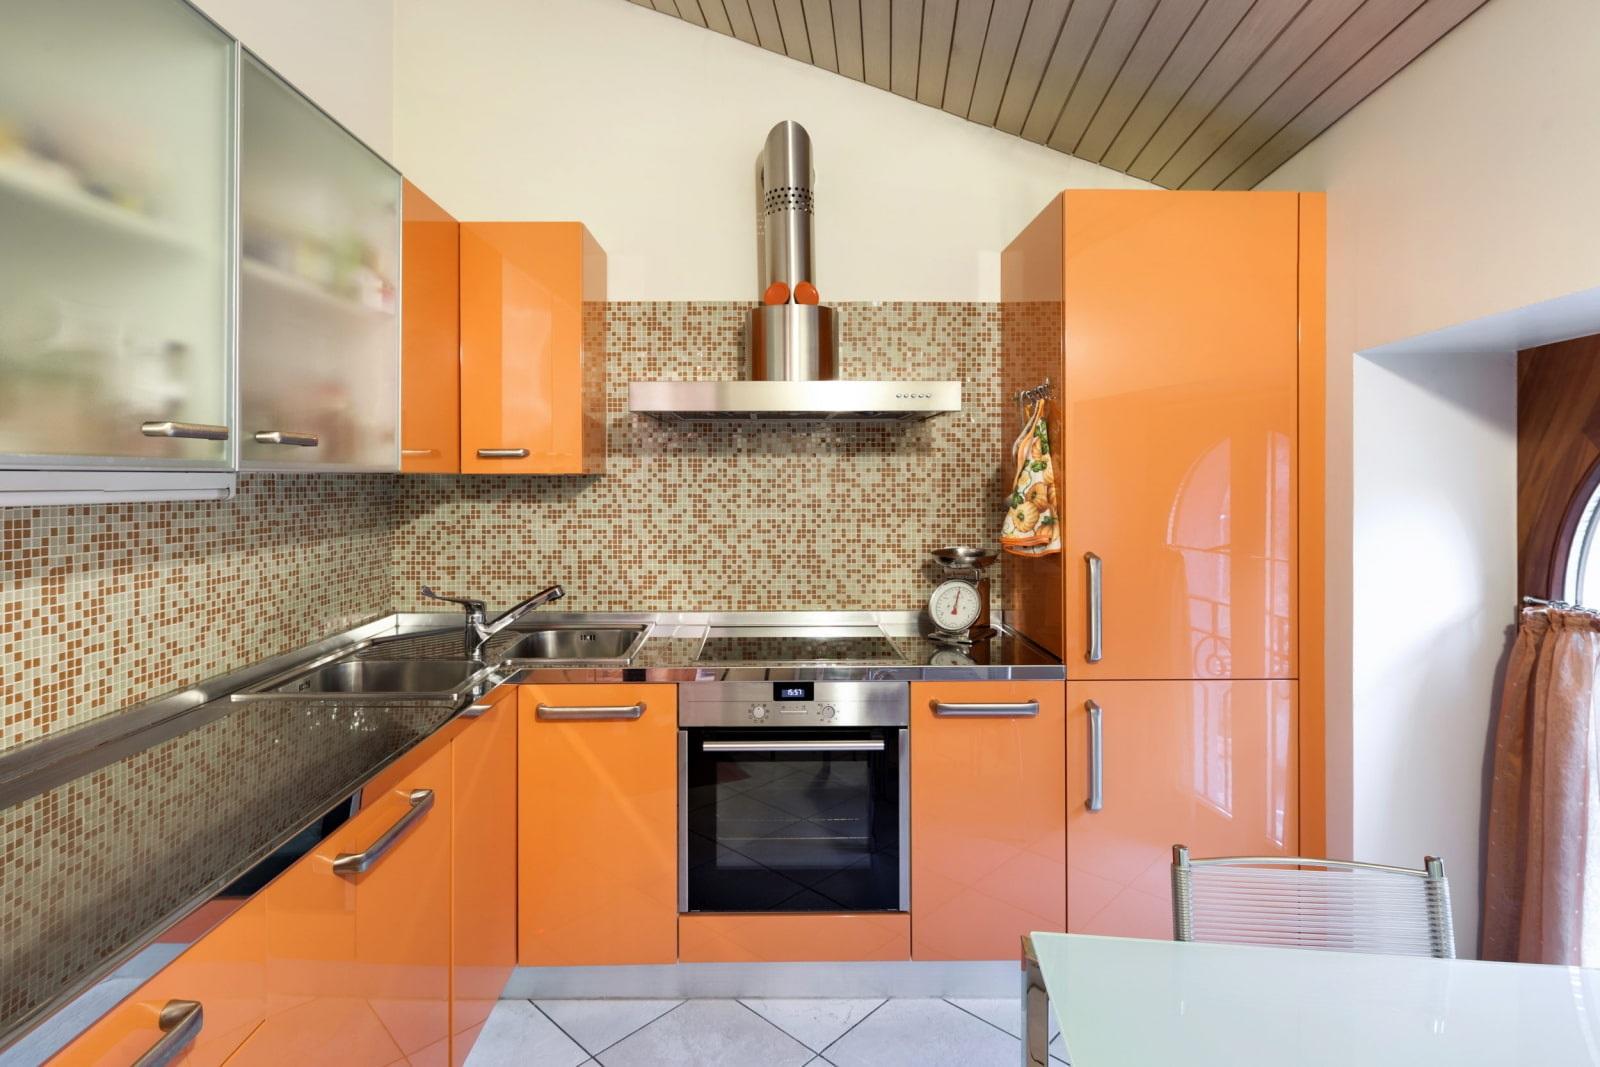 экстремальный оранжевый цвет кухни